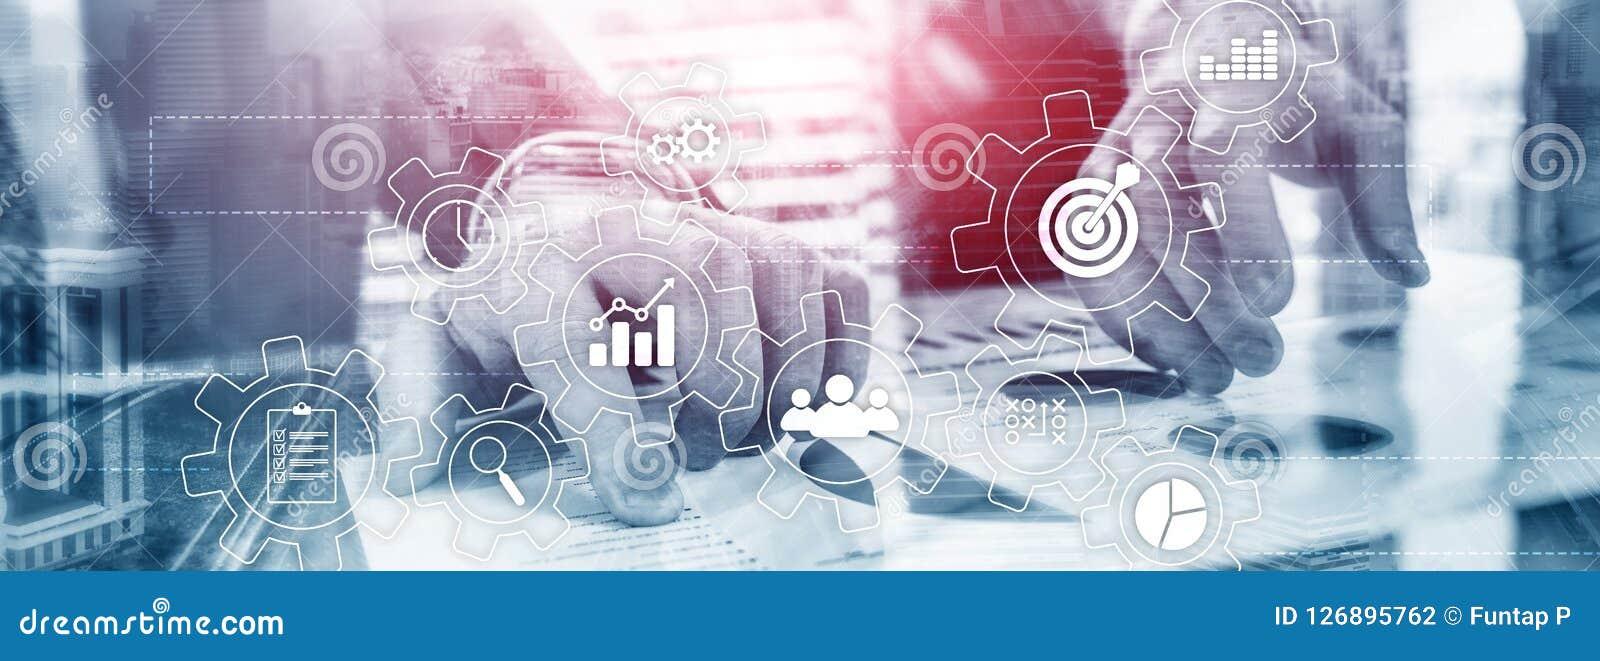 Concepto de la automatización de proceso de negocio Engranajes e iconos en fondo abstracto